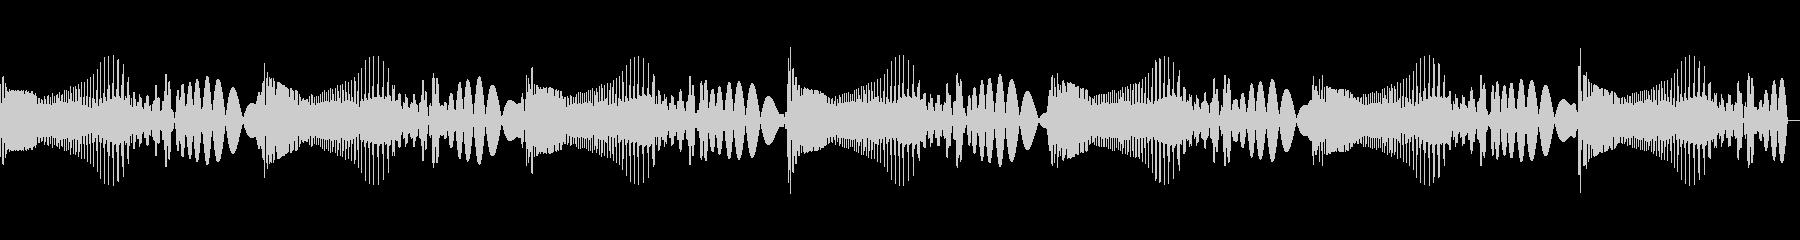 レイガン:ショートバースト、SCI...の未再生の波形